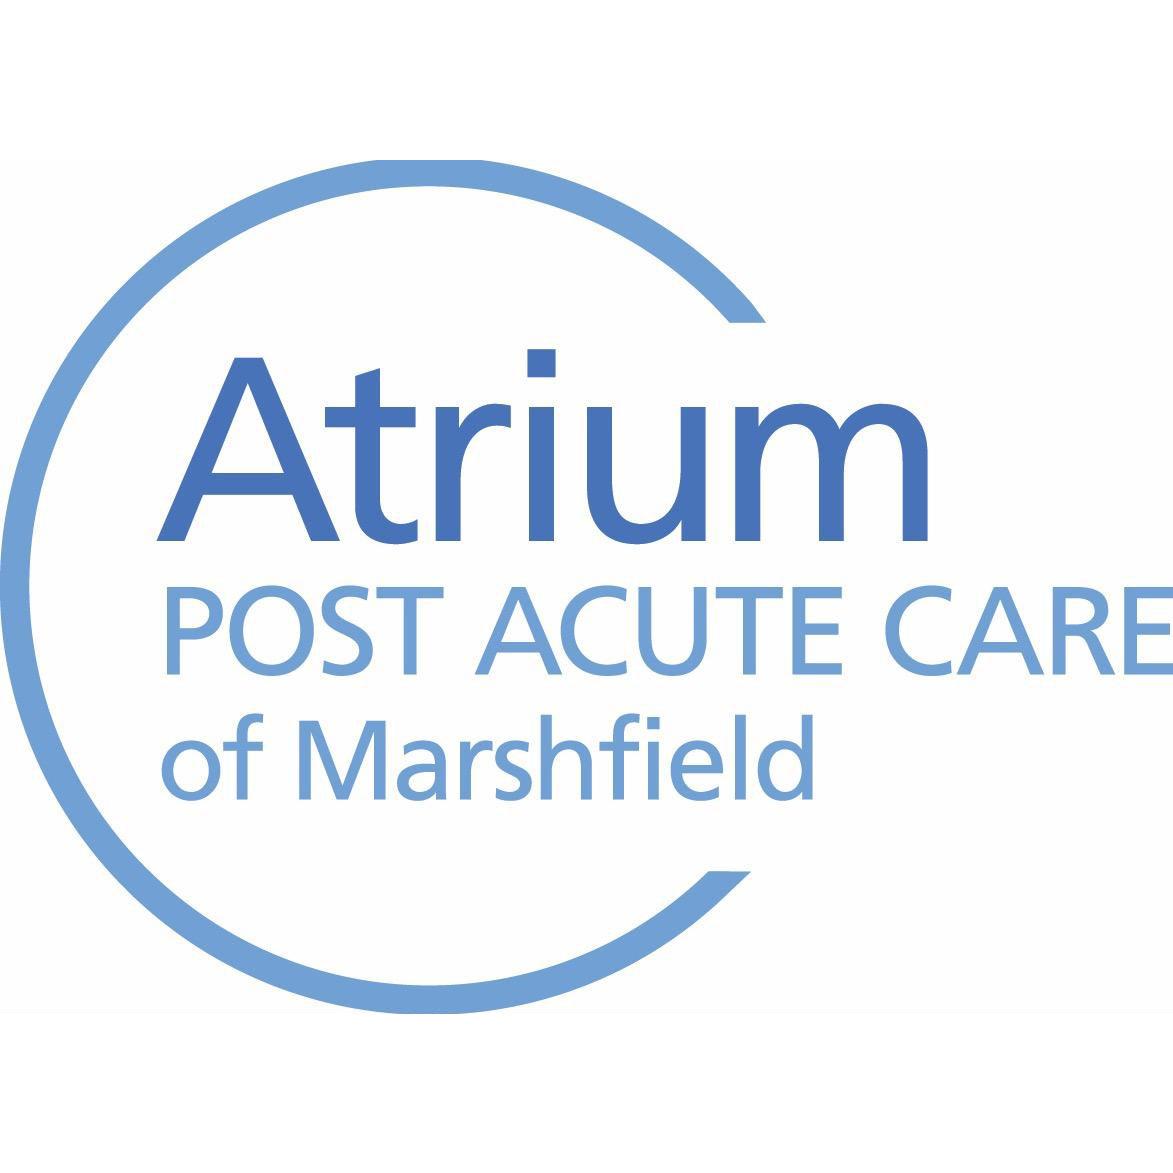 Atrium Post Acute Care of Marshfield image 0